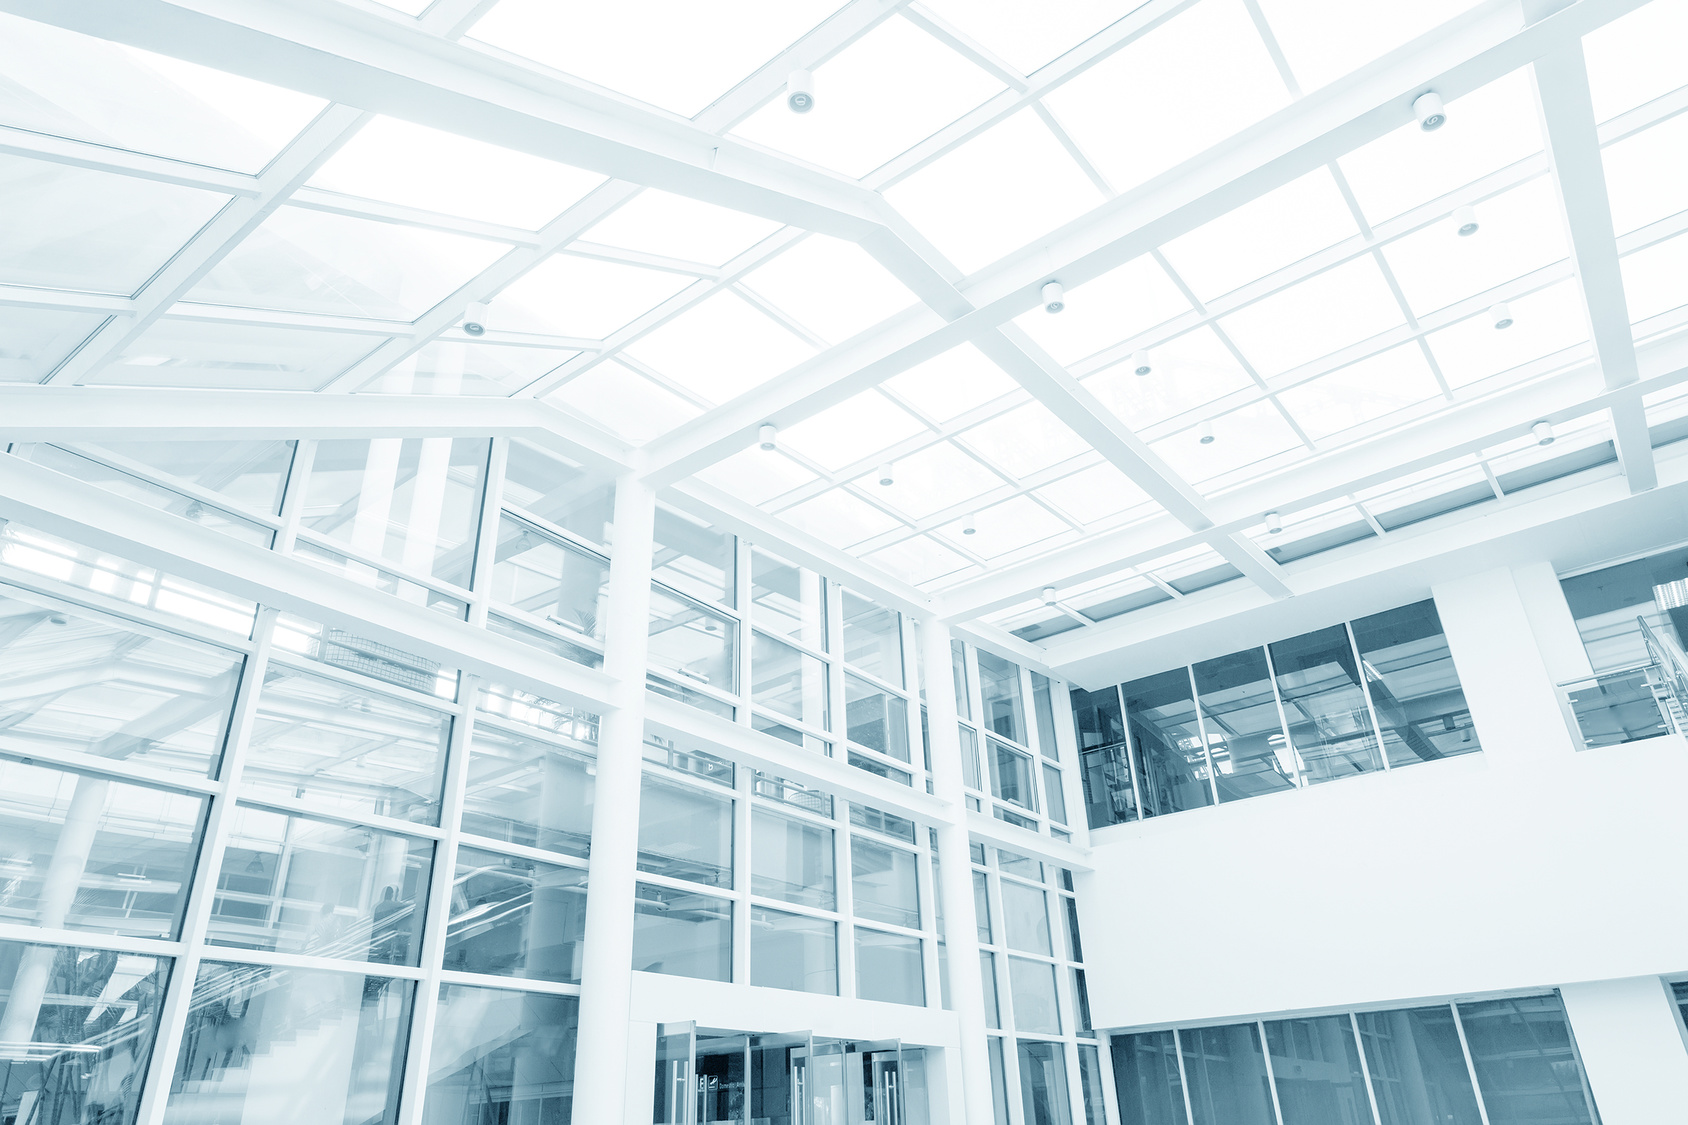 prix d 39 une toiture en verre au m2 les tarifs et devis. Black Bedroom Furniture Sets. Home Design Ideas